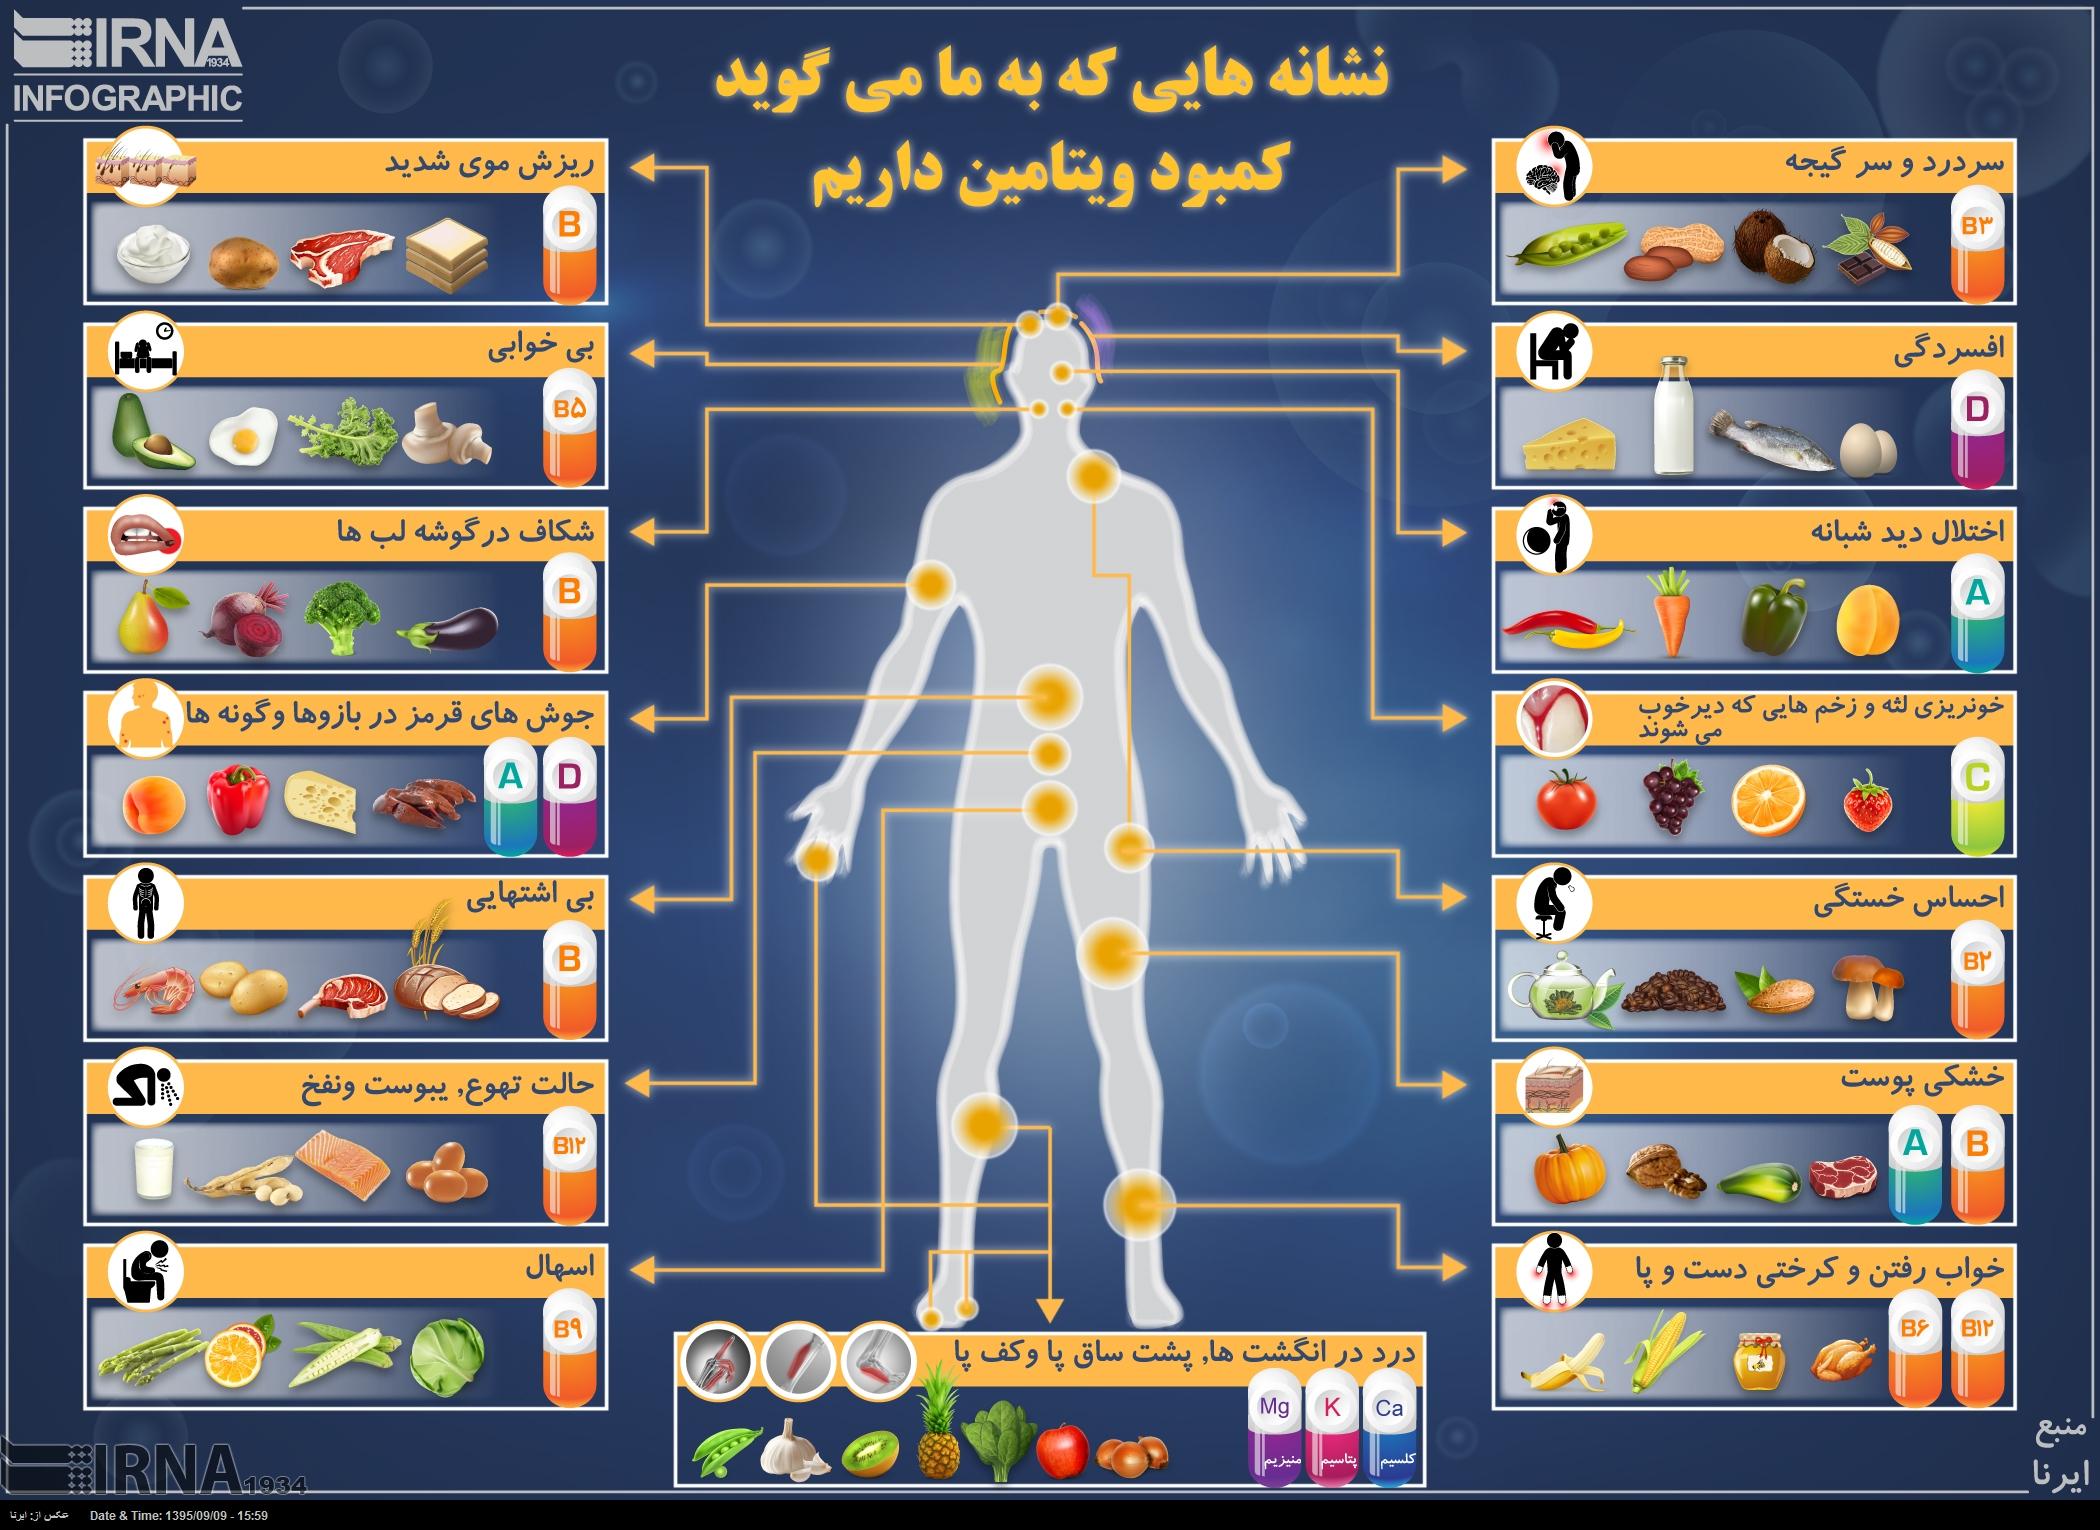 نشانه هایی که به ما می گوید کمبود ویتامین داریم (اینفوگرافیک)